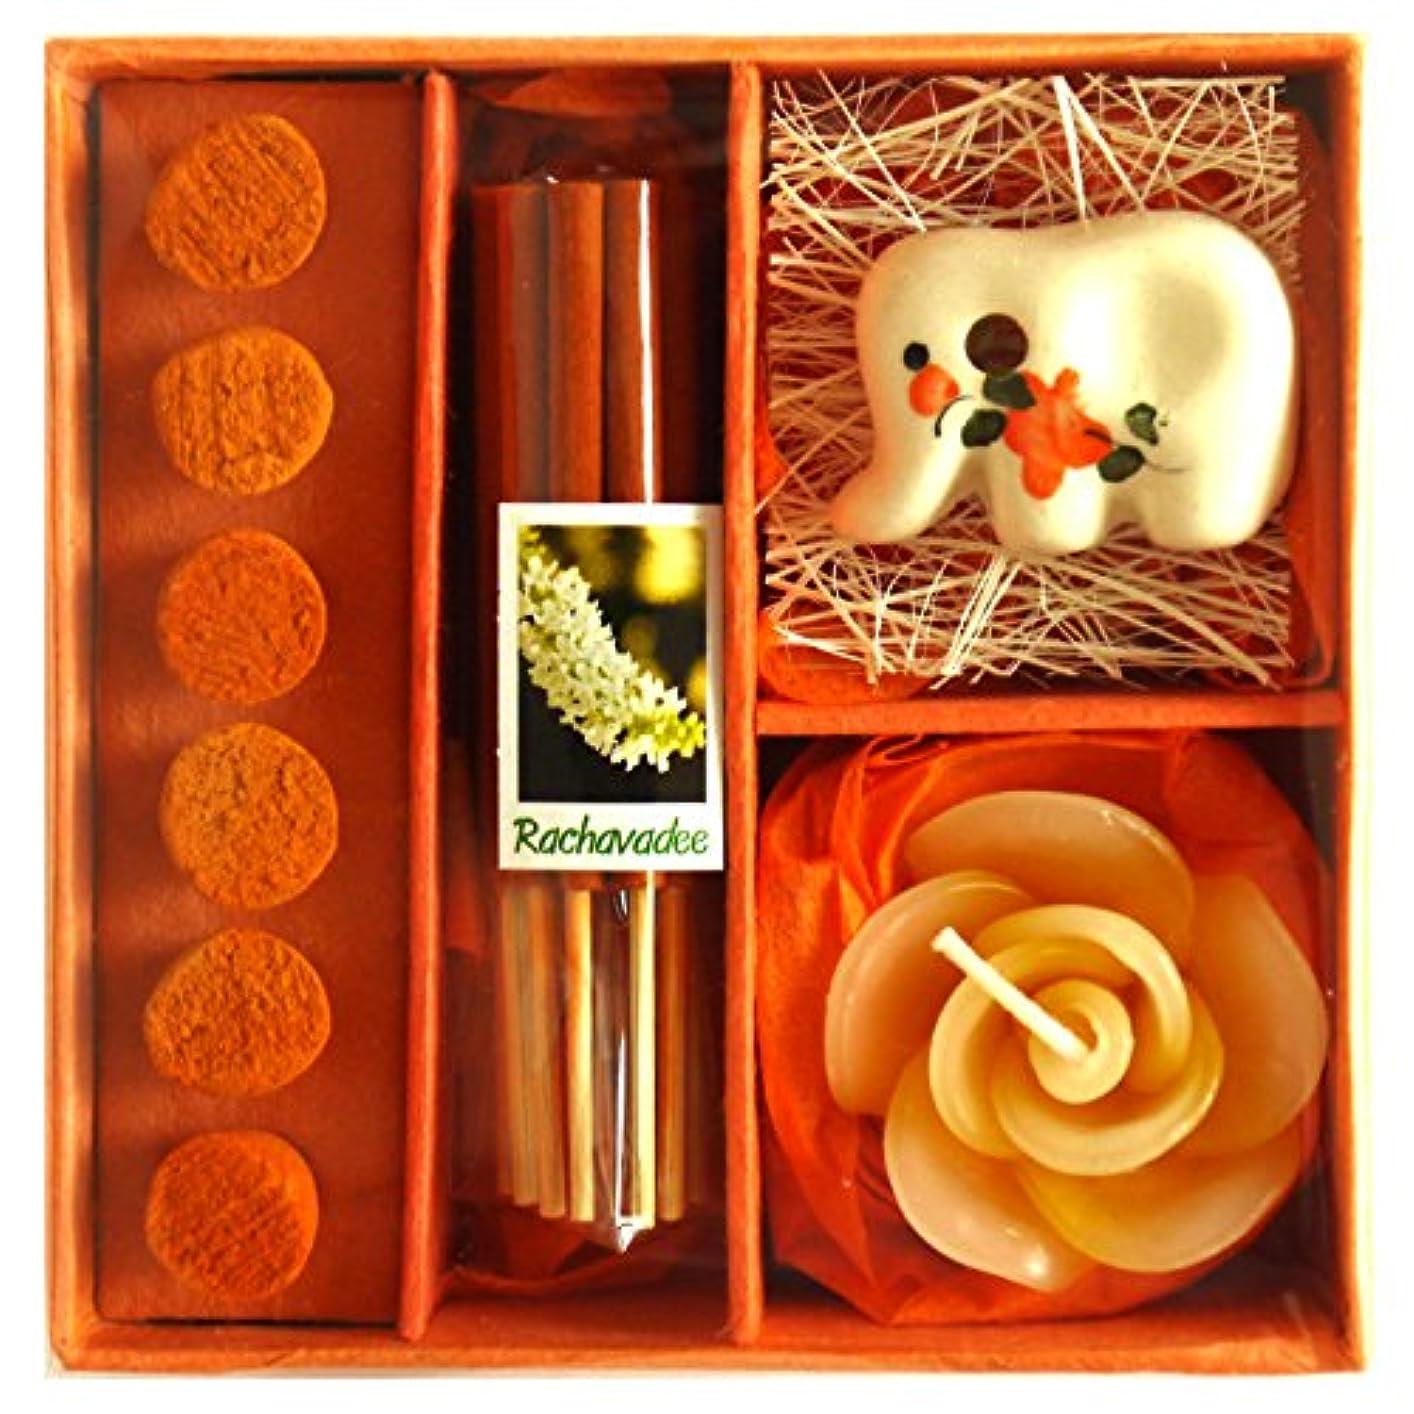 ひも無限大高くアロマギフトBOX 退職ギフト 色おまかせ 香りつきアロマキャンドル 2種類のお香 陶器製お香立ての入ったギフトセット サンキューシール付き